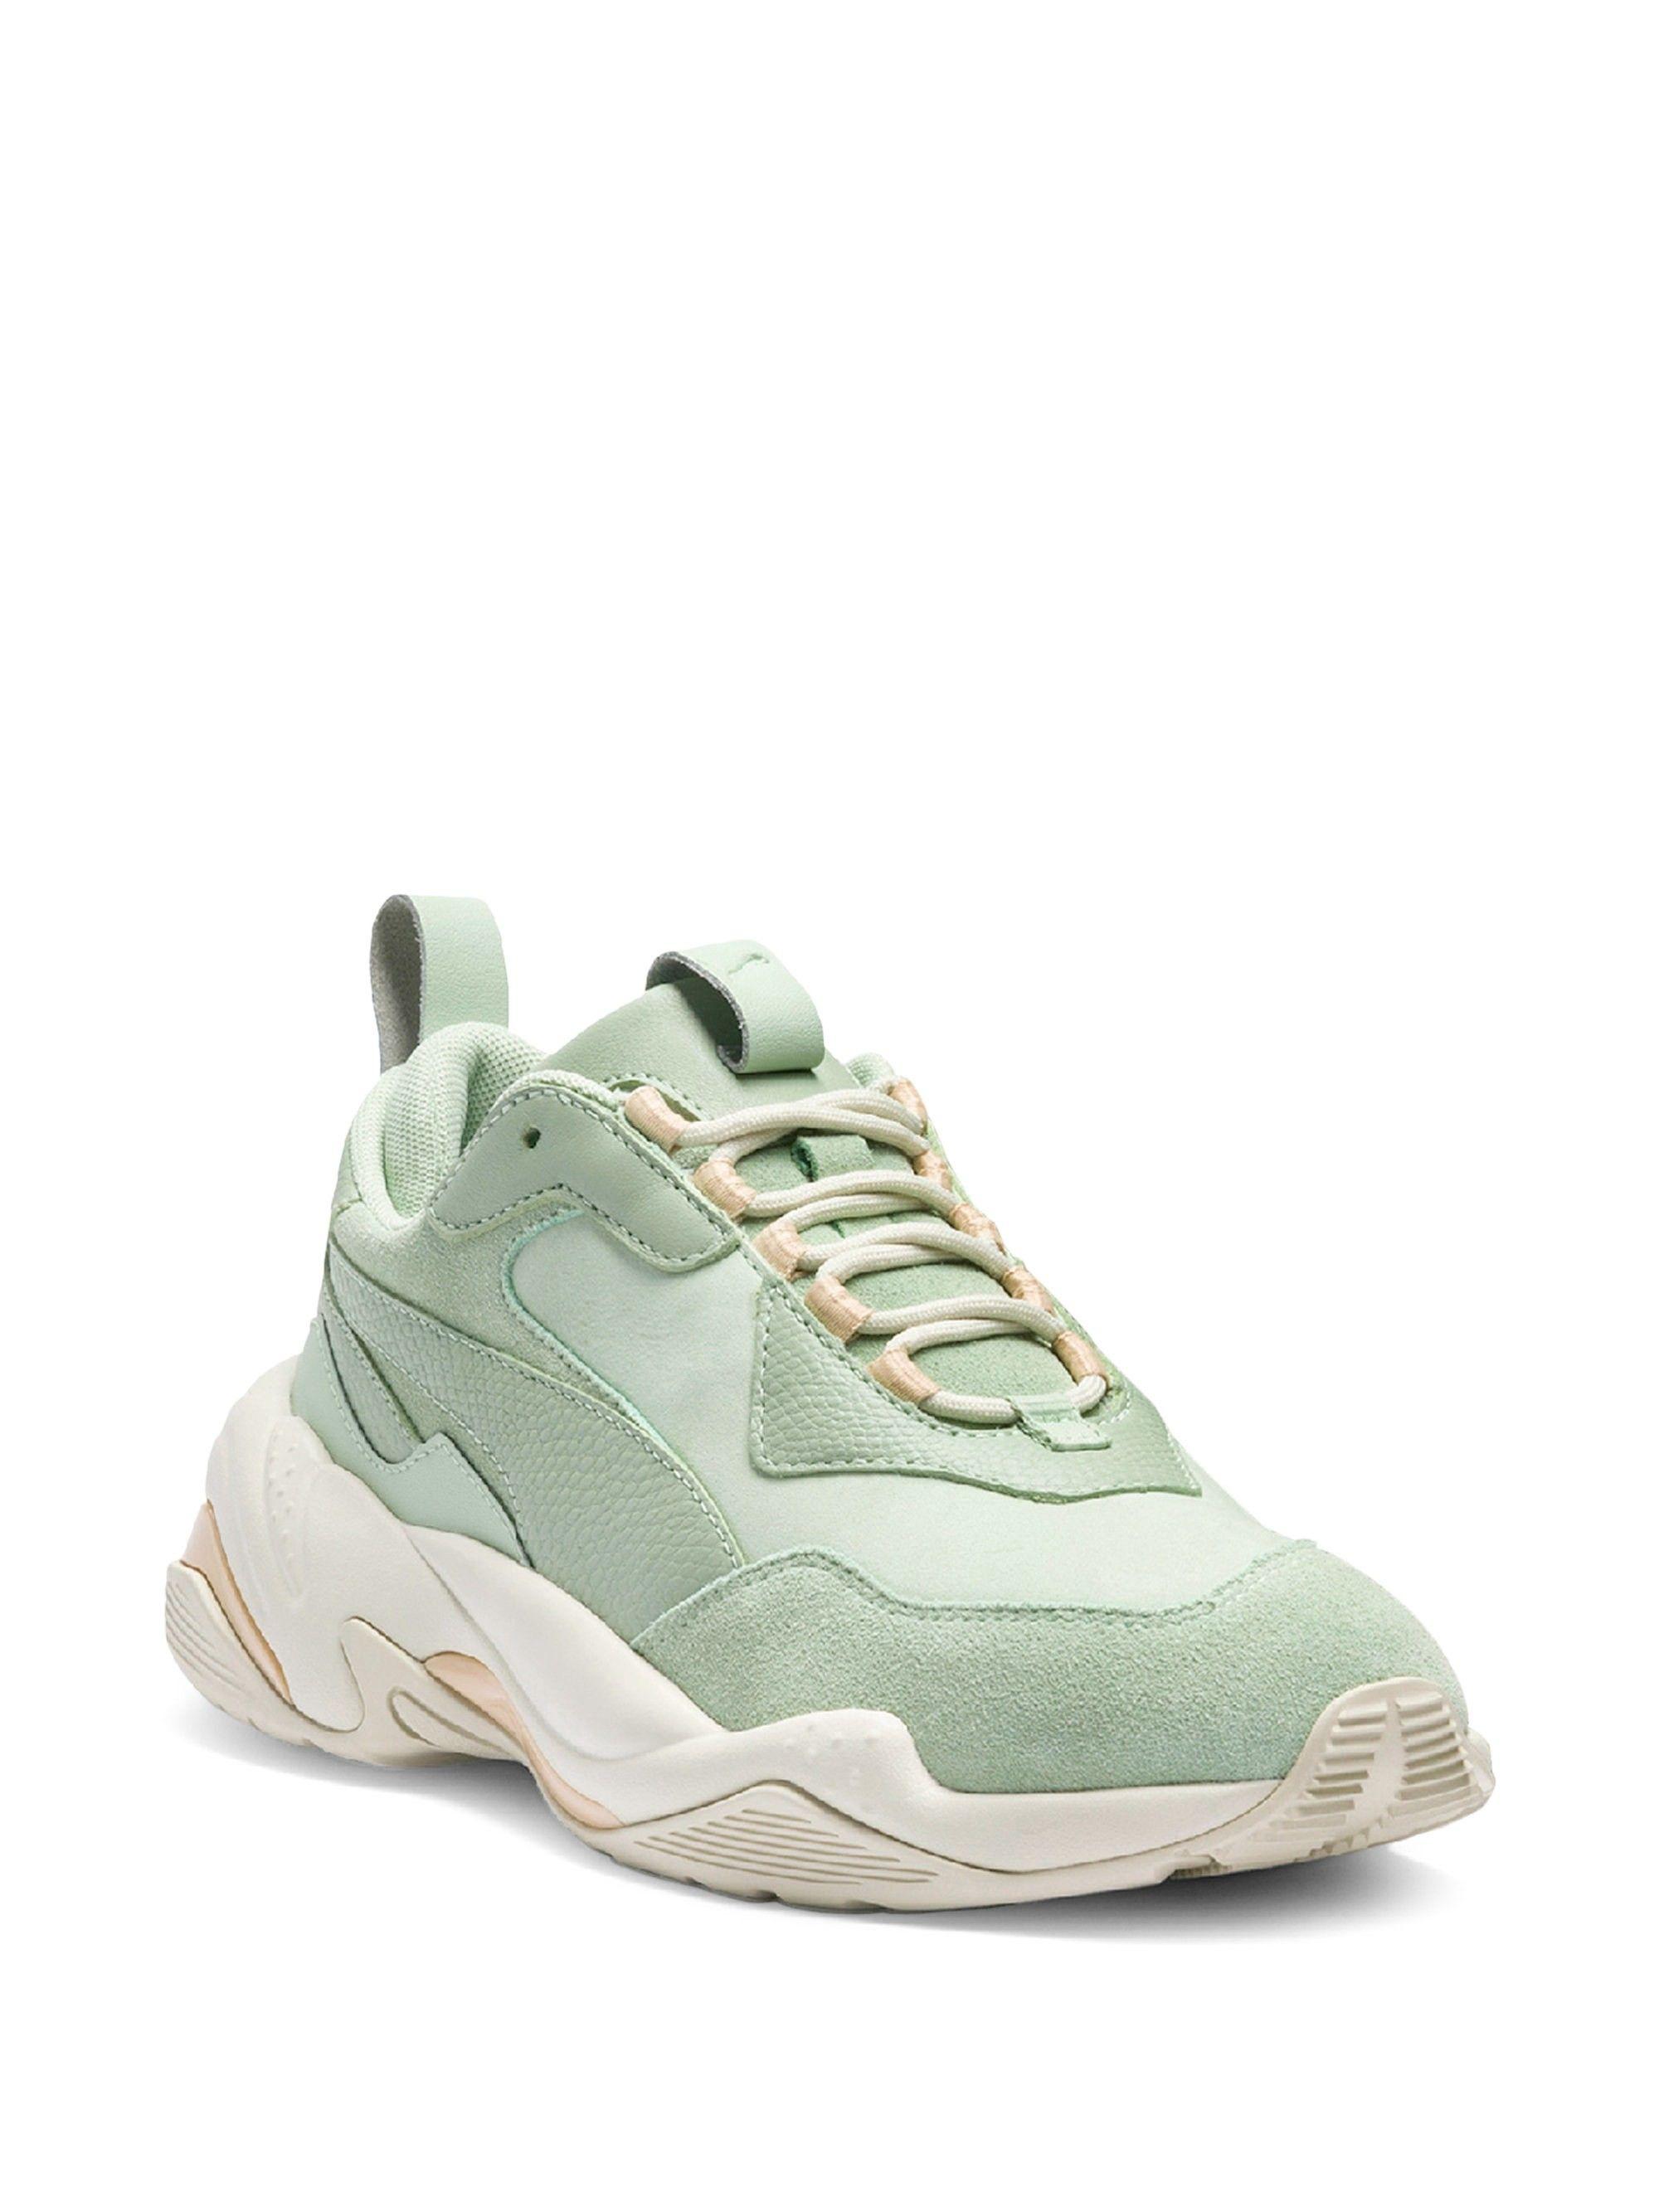 4411241bf690d1 Puma Thunder Desert Sneakers - Green 8.5 in 2019